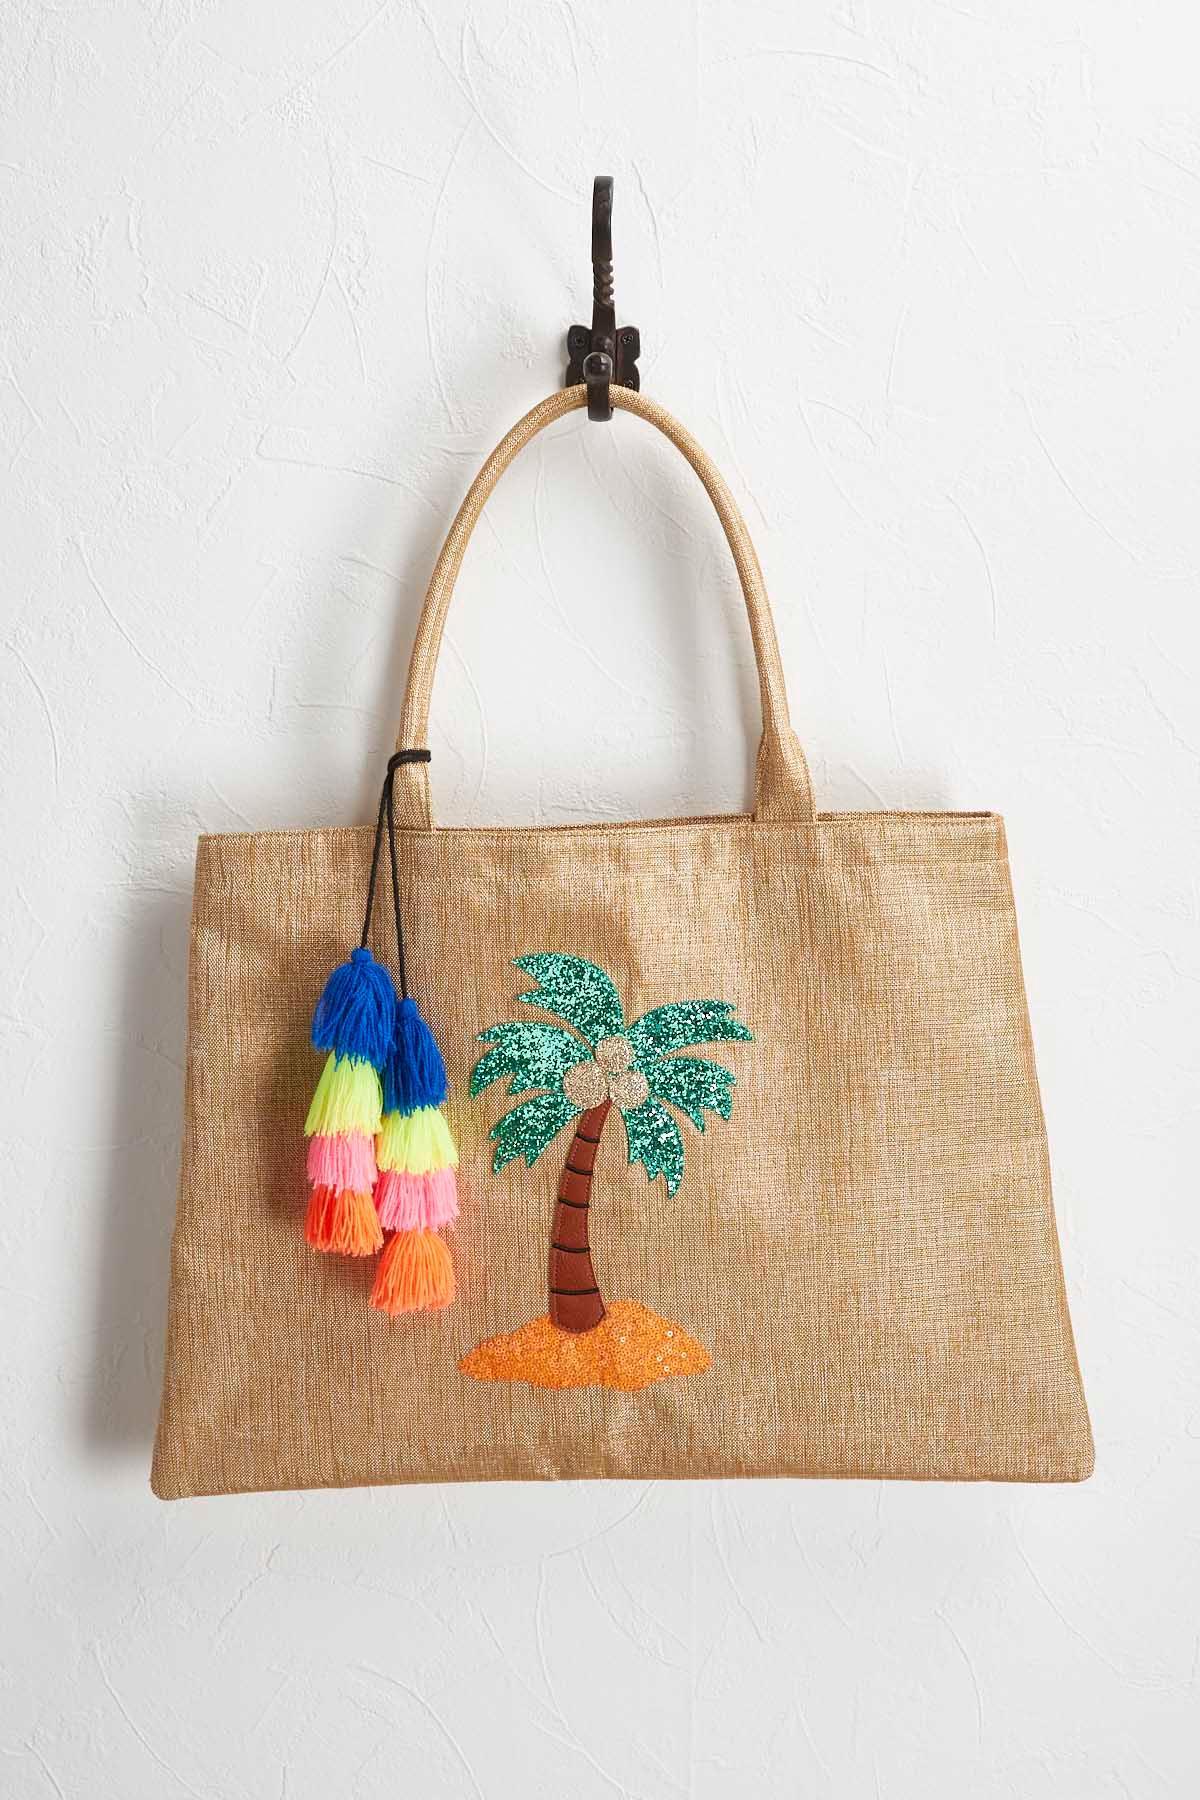 Summer Fun Embellished Jute Bag